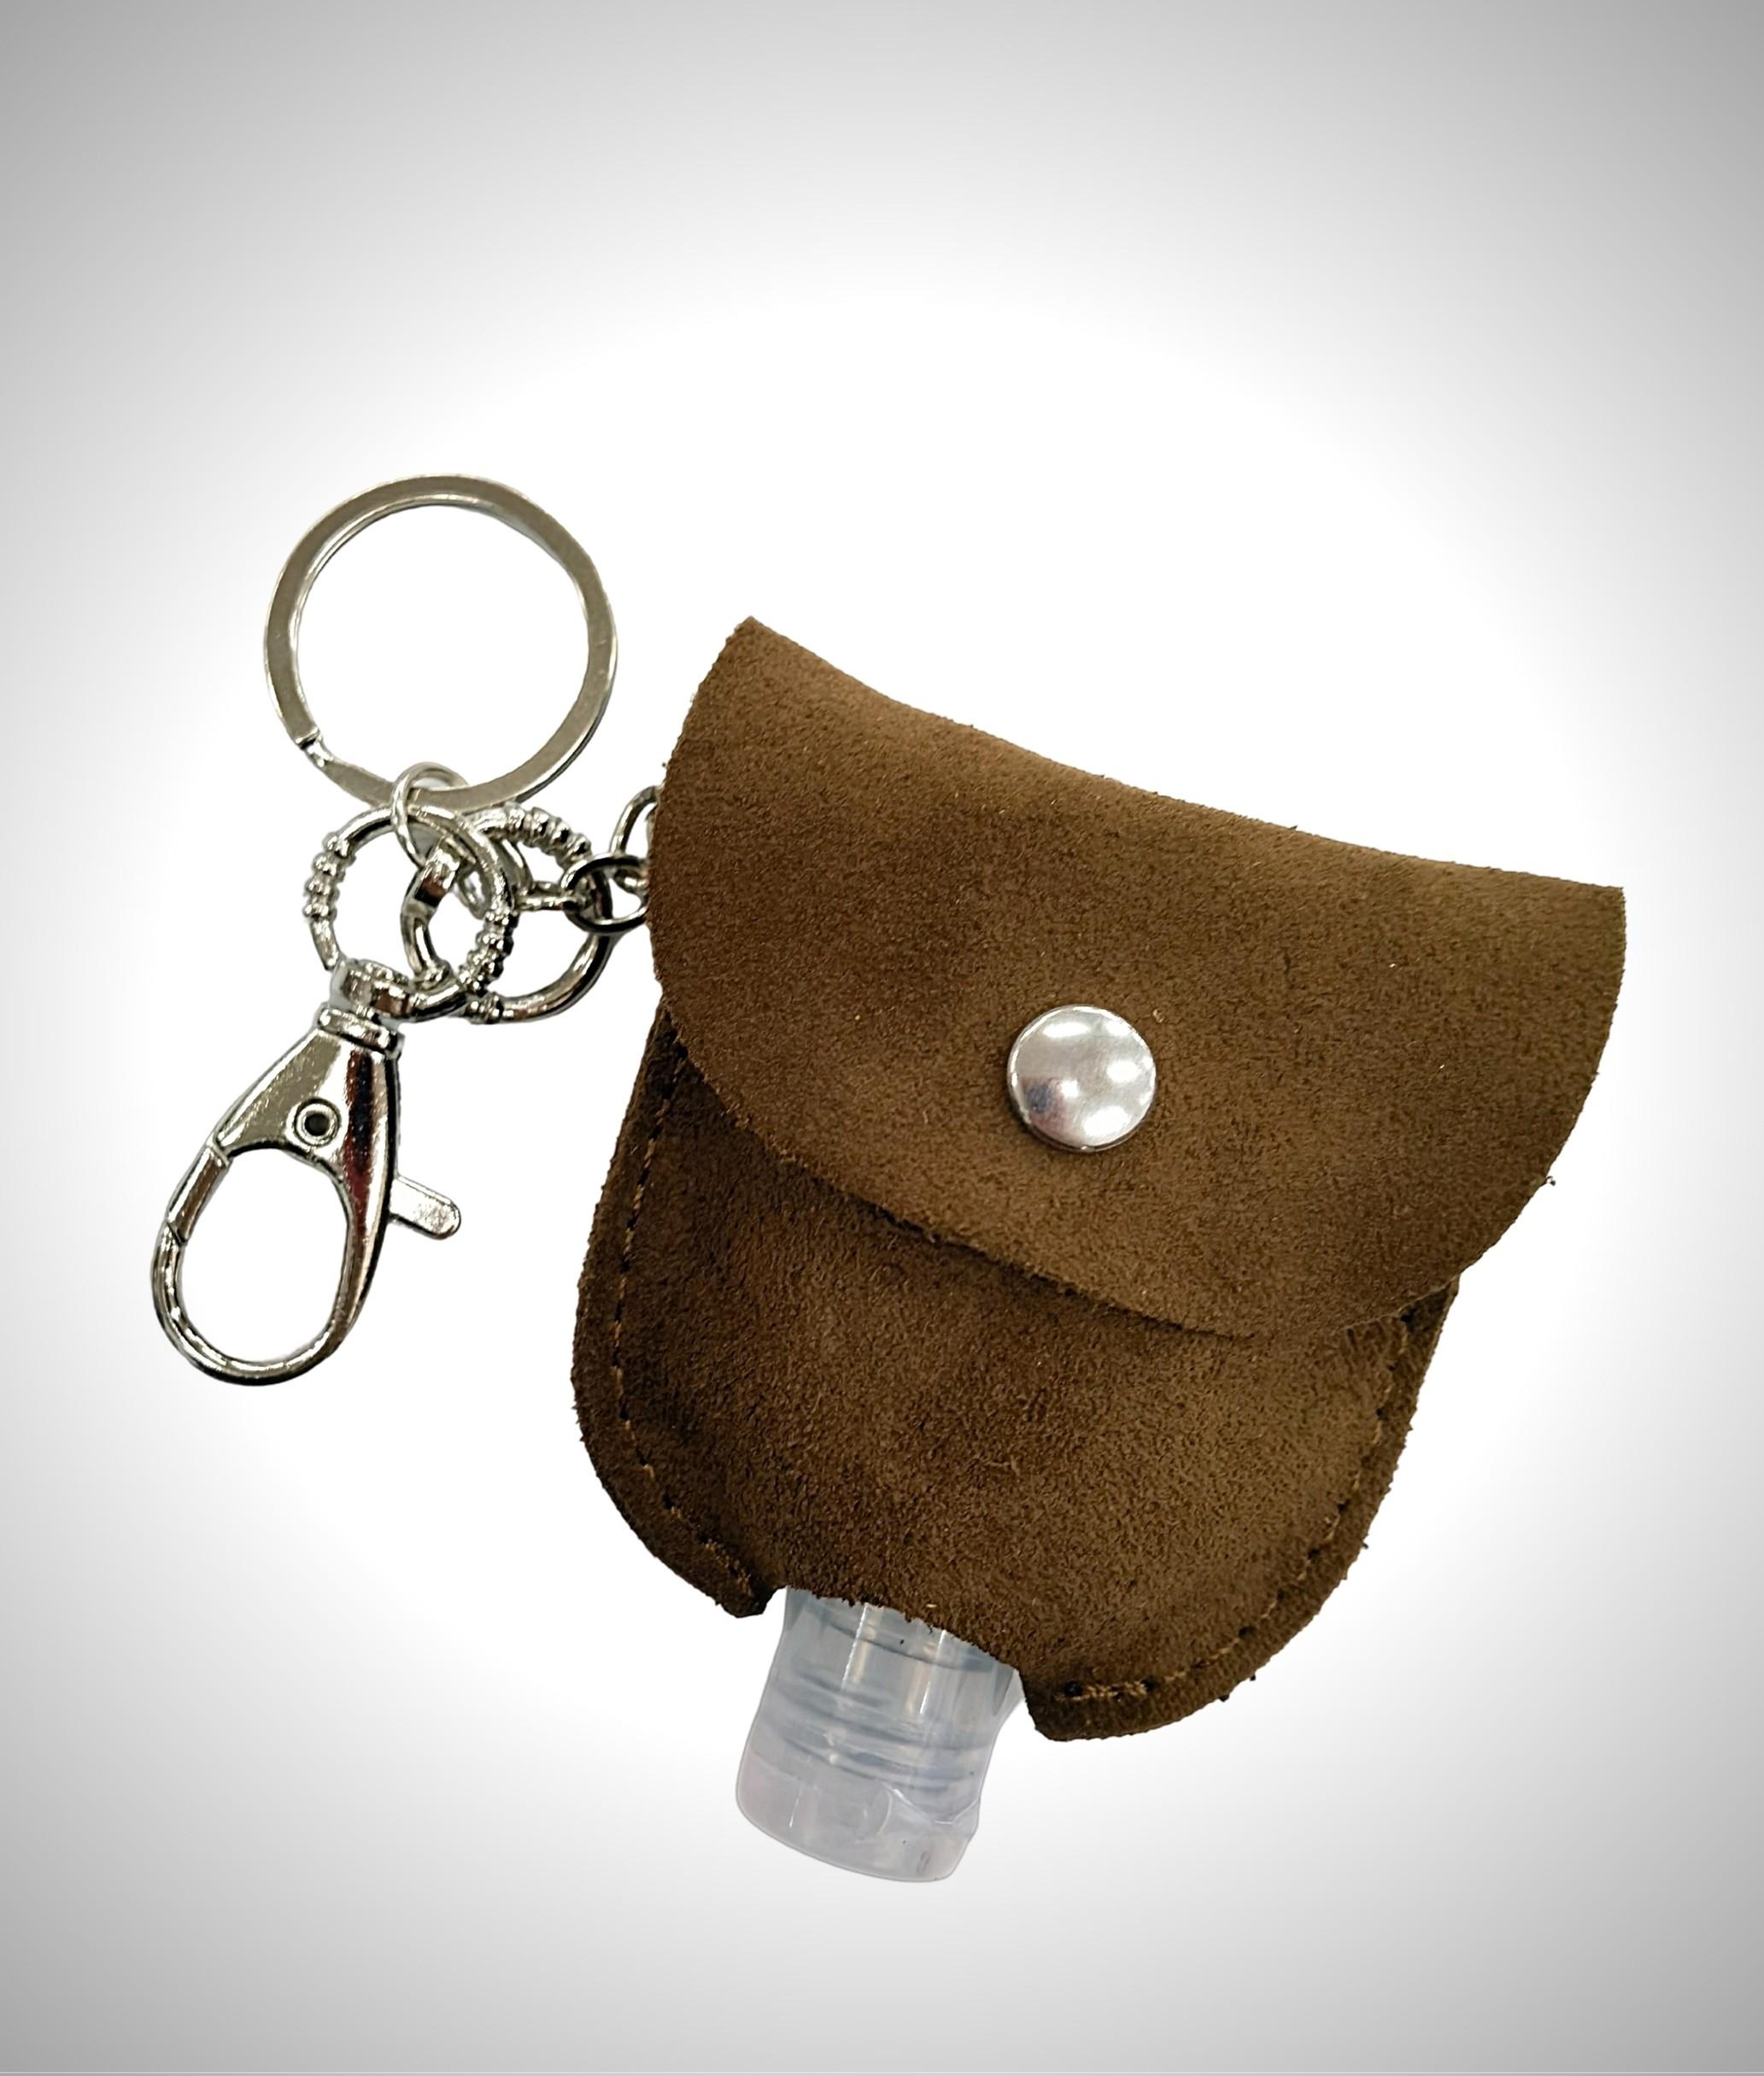 Porte-clés en cuir porte-gel - chameau